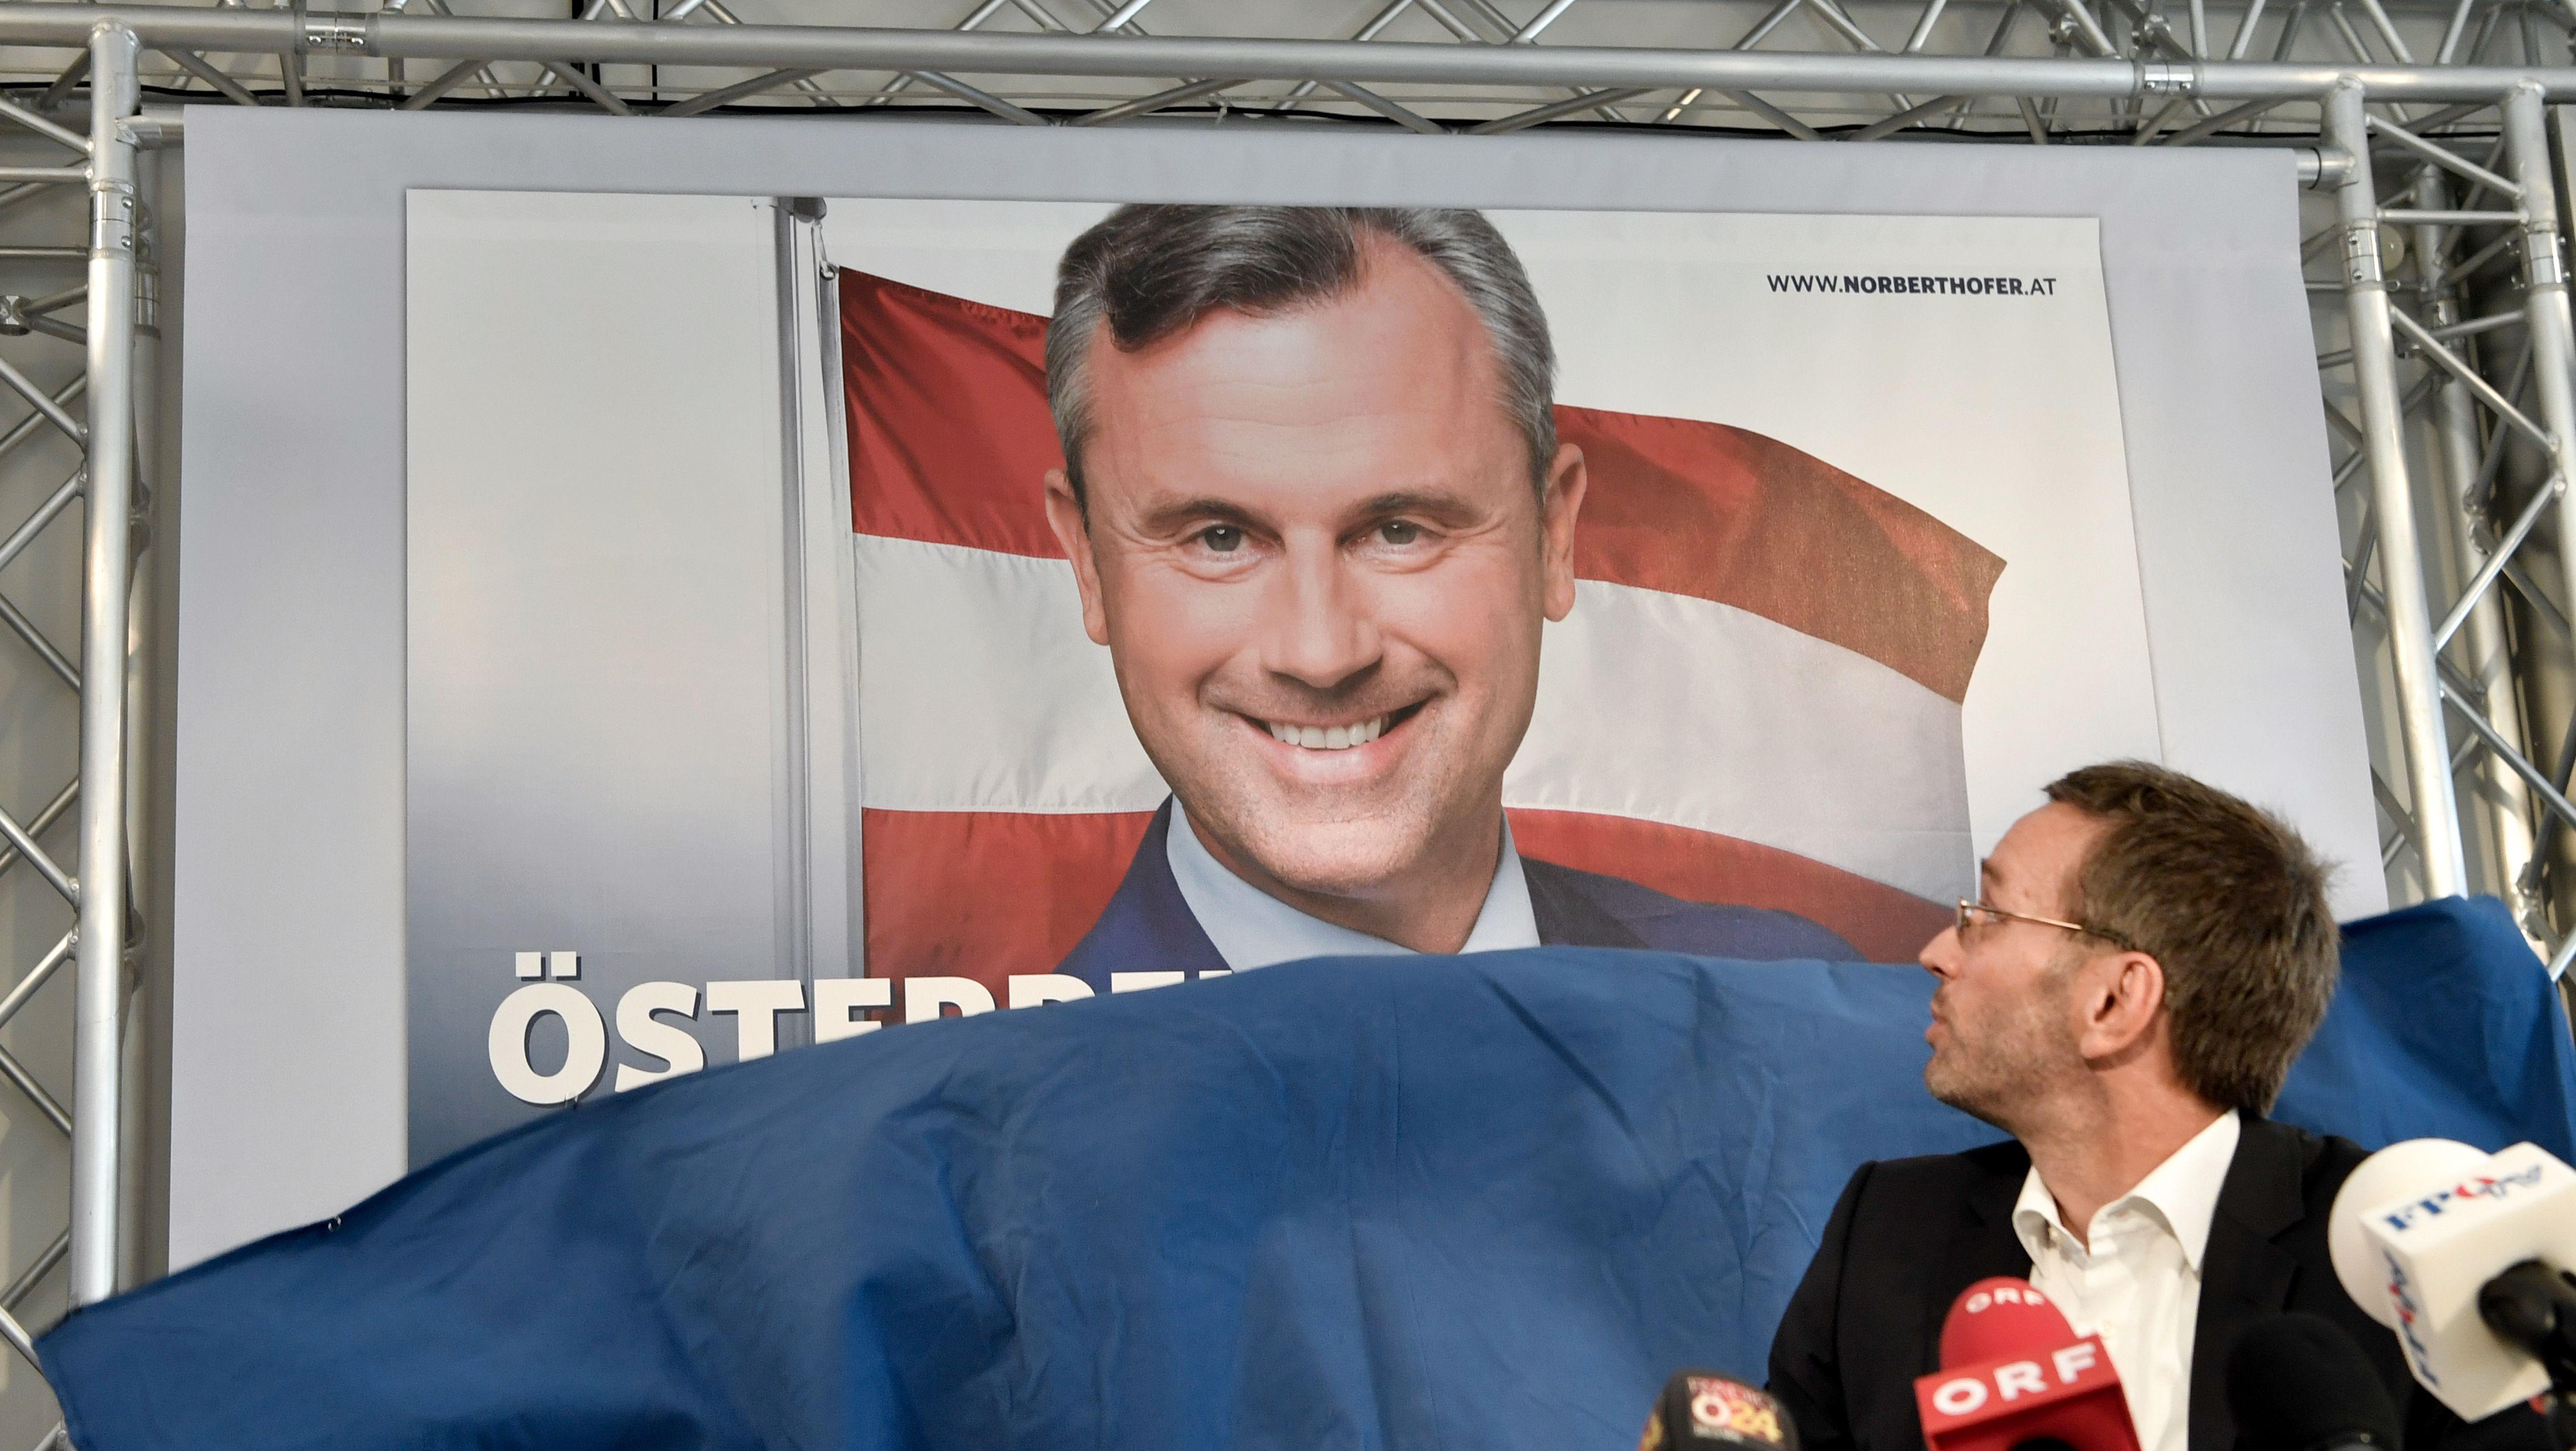 FPÖ-Politiker Hofer und Kickl im Bundespräsidentschaftswahlkampf 2016